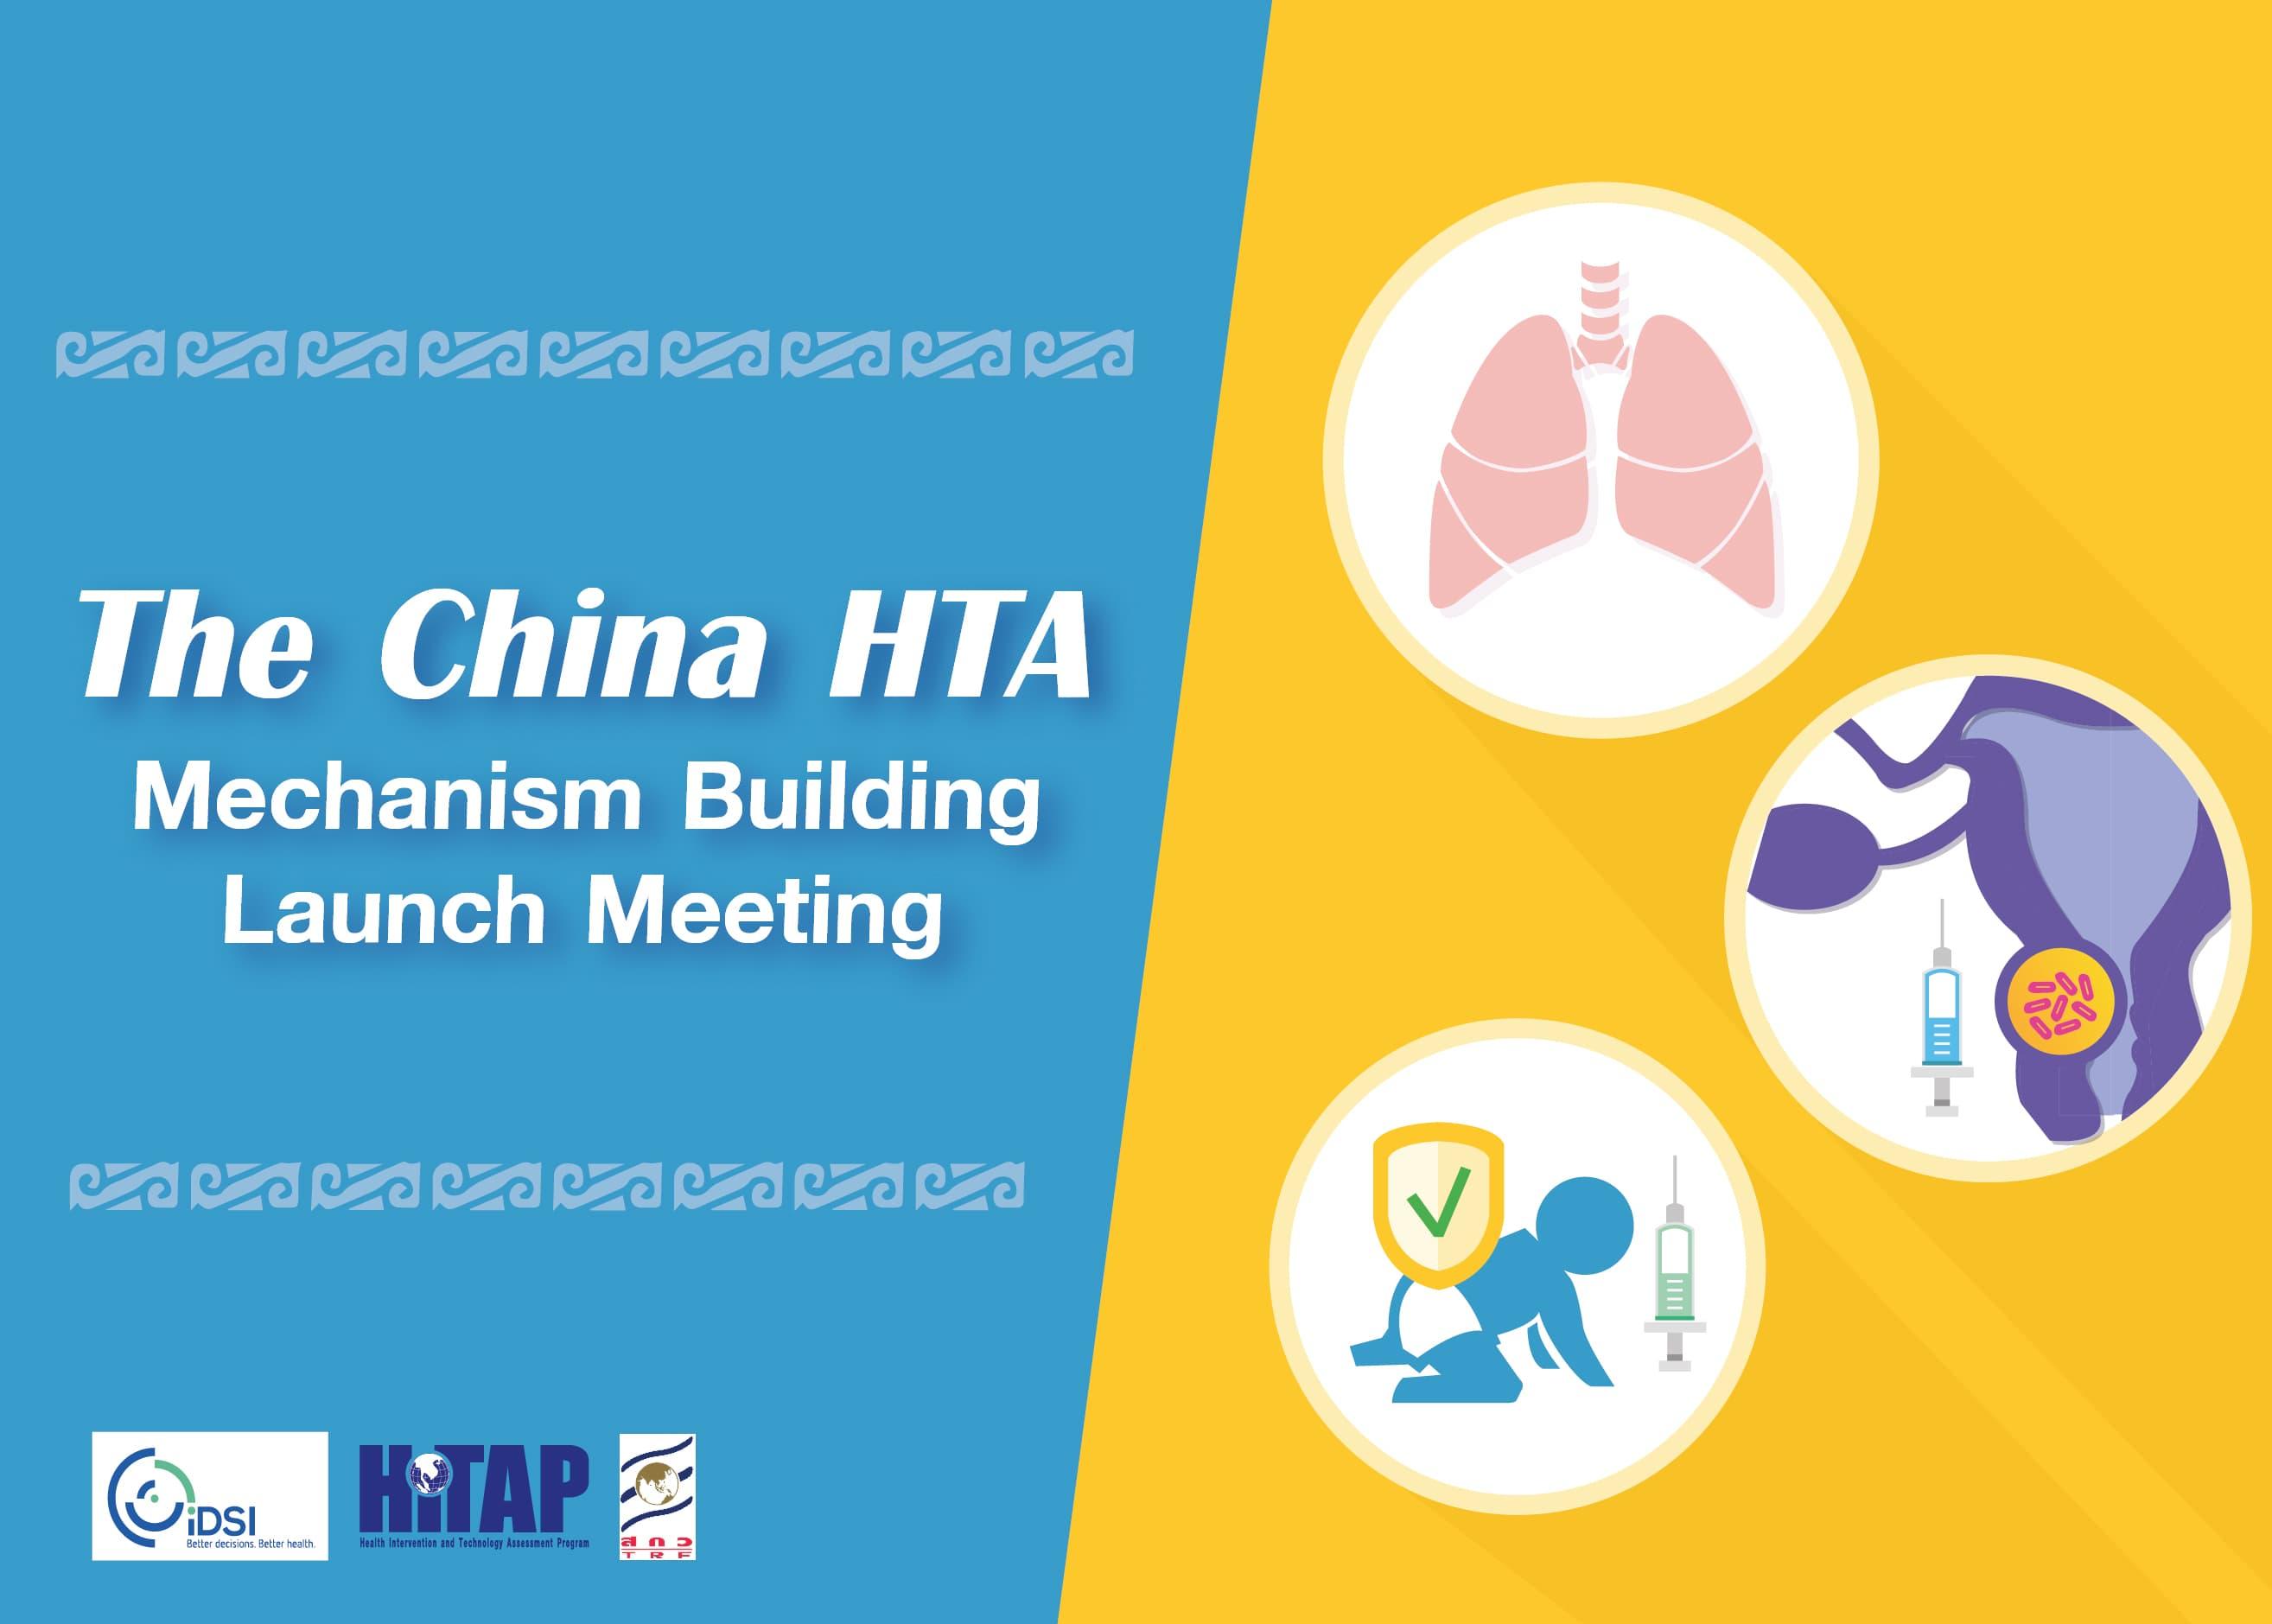 China HTA